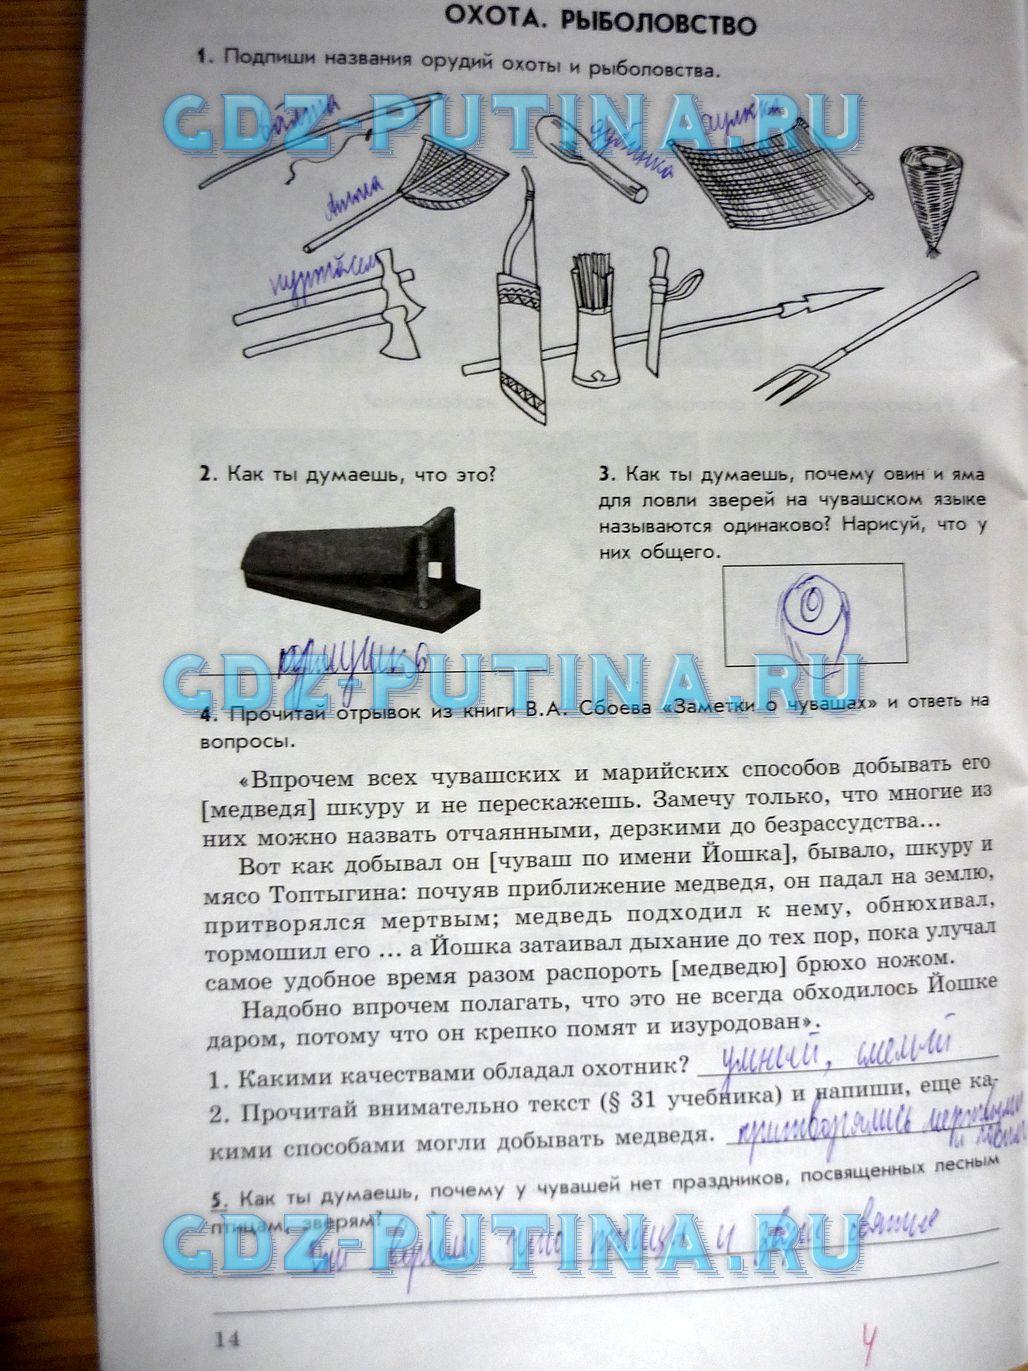 Диагностическая работа по русскому языку 9 класс от 27 сентября видеоразбор